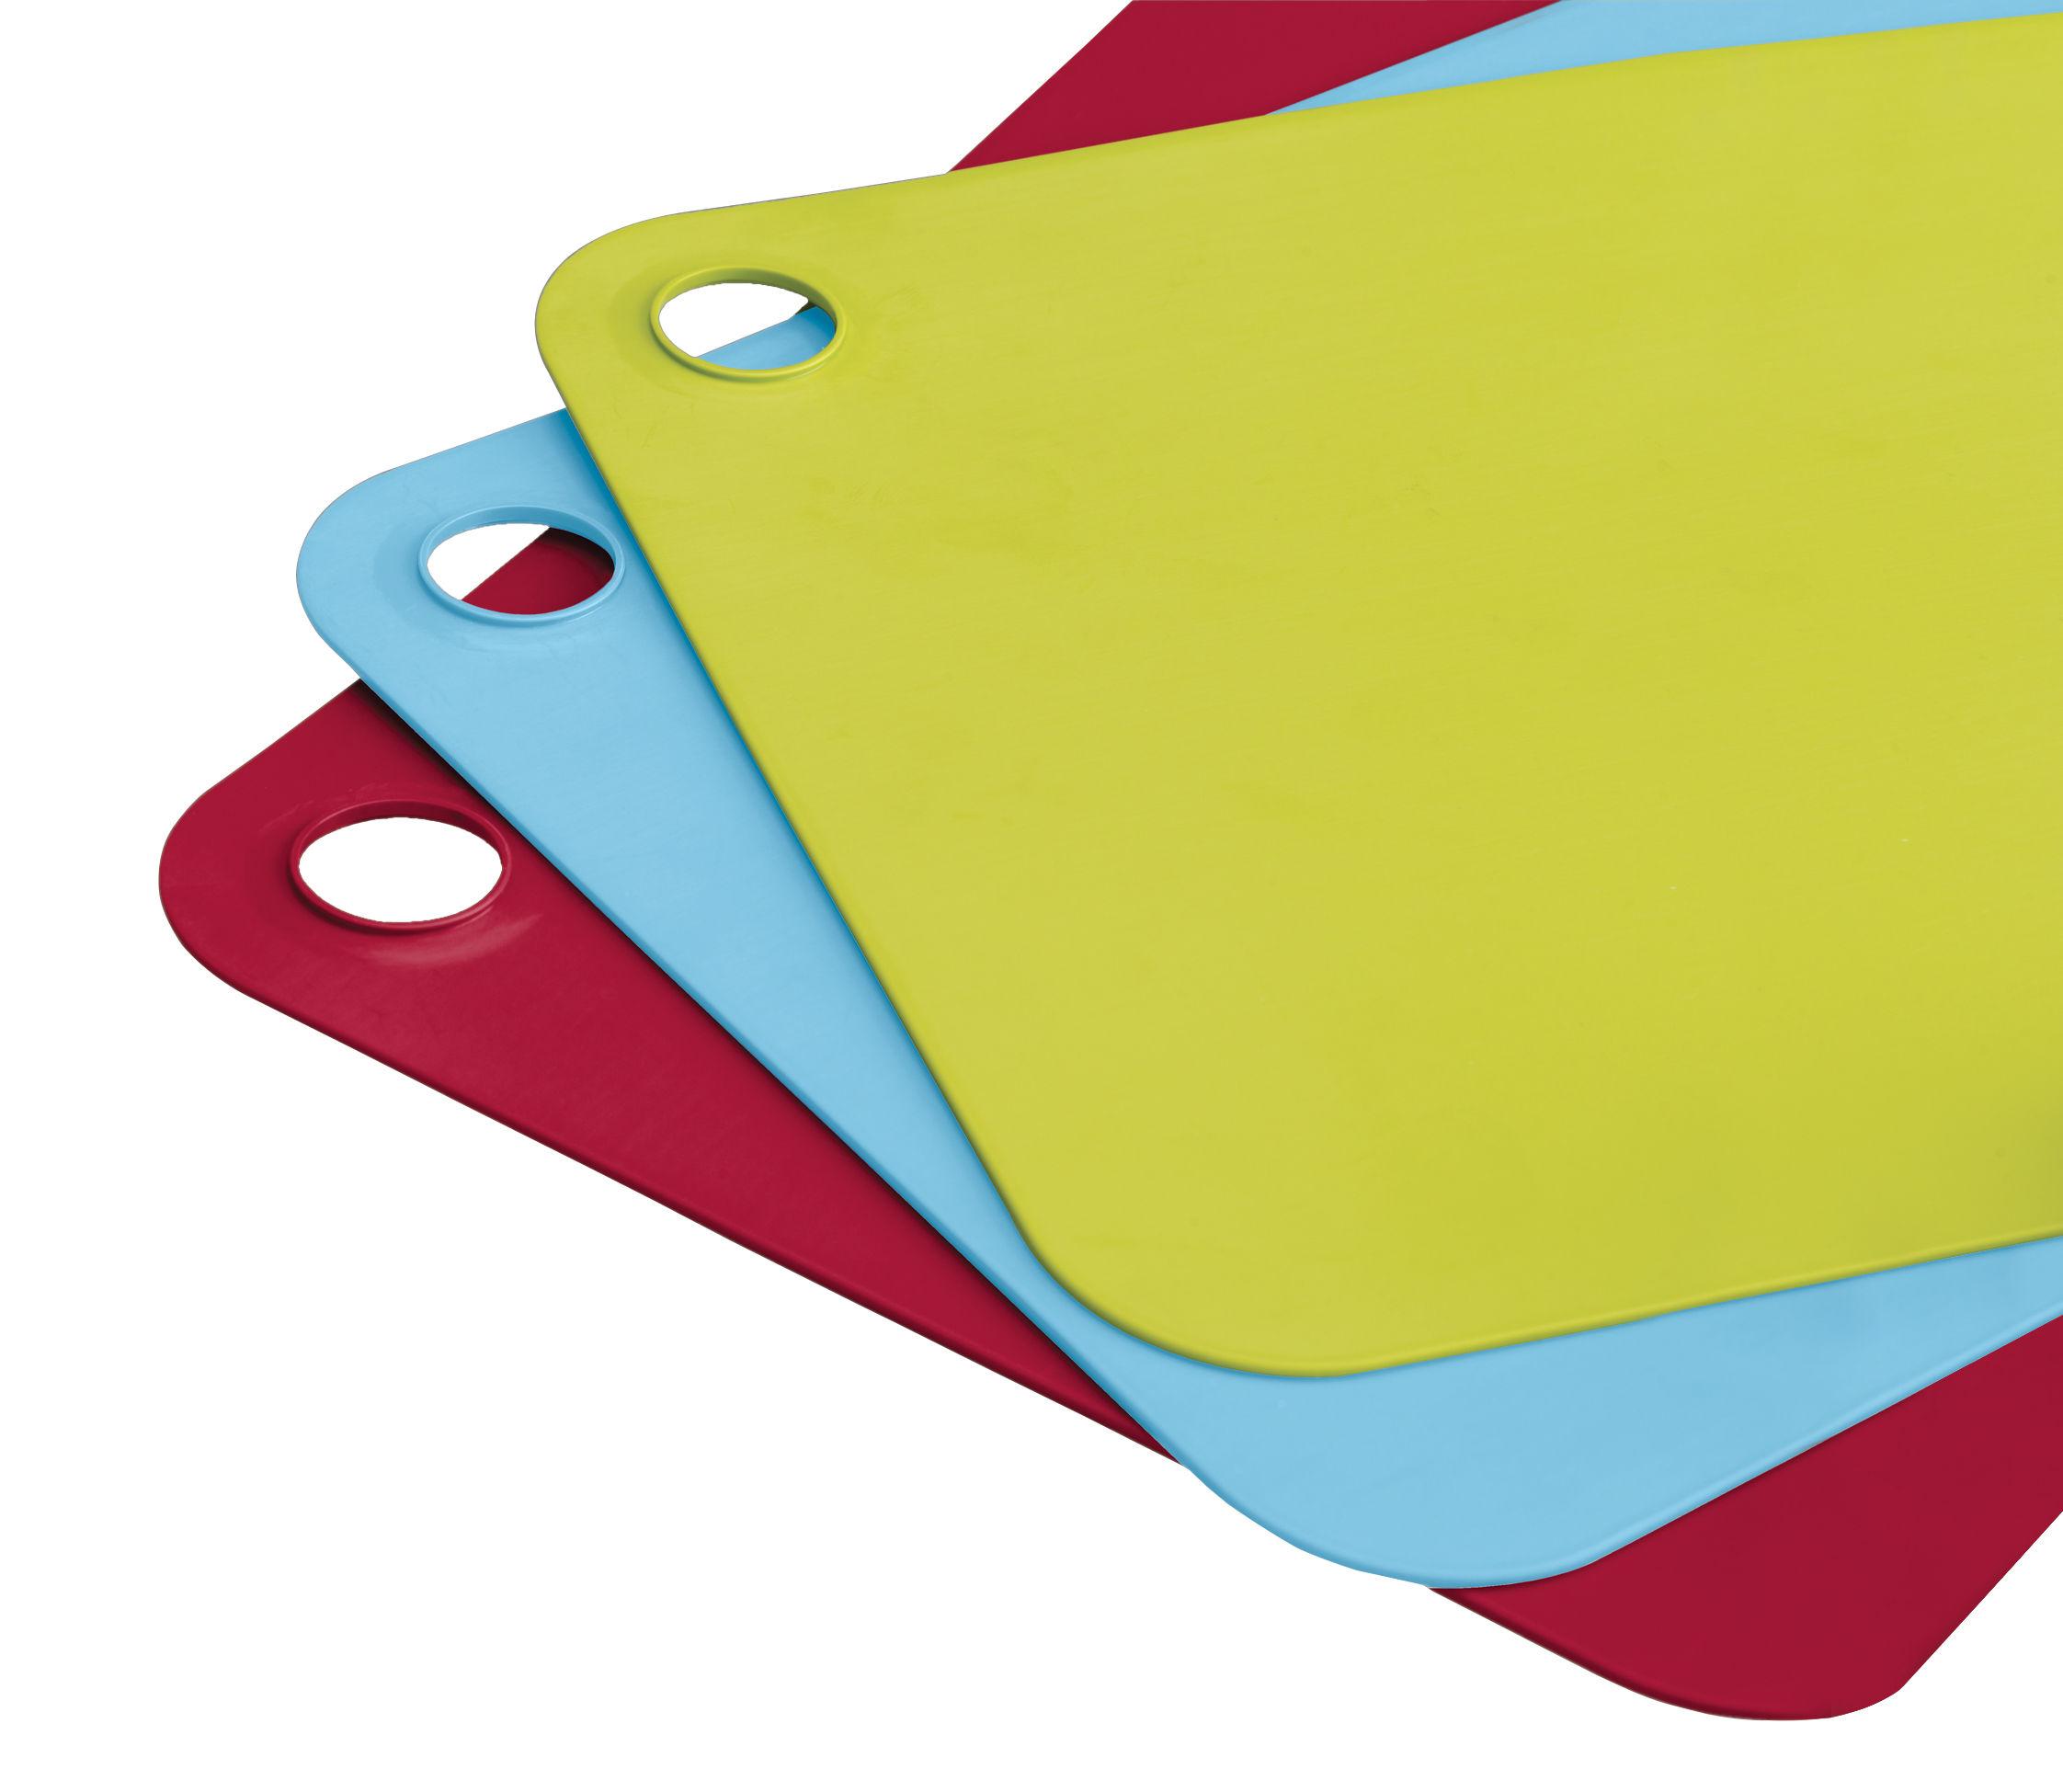 Cuisine - Boîtes, pots et bocaux - Tapis de découpe Pop Plus / Set de 3 - Joseph Joseph - Vert, bleu & rouge - Polyrpopylène